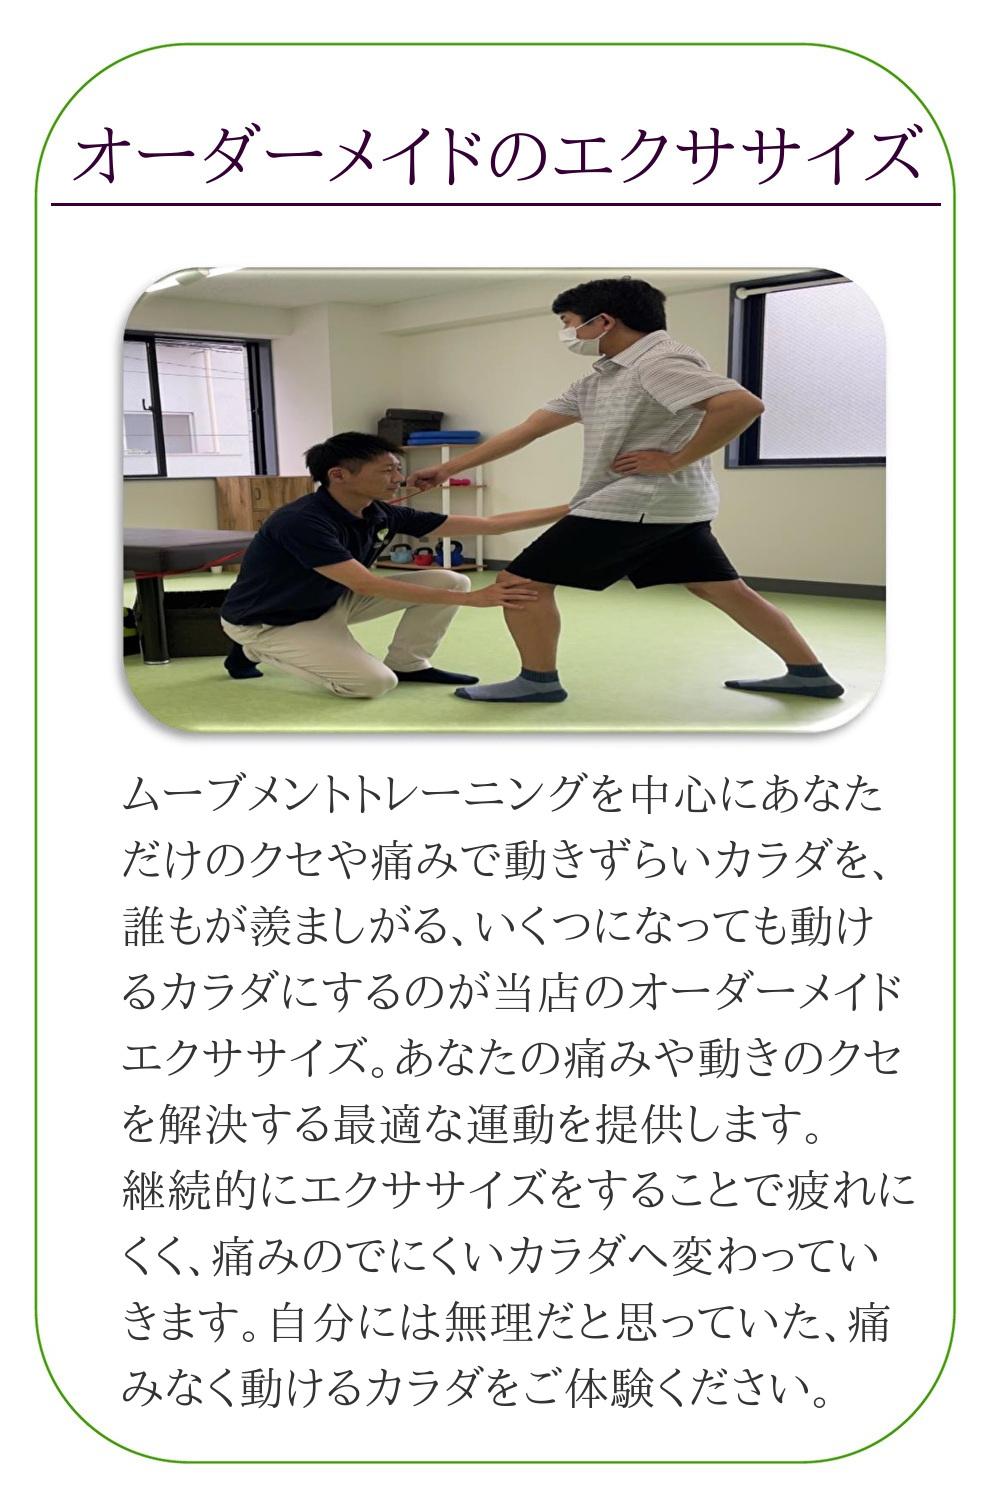 オーダーメイドトレーニング